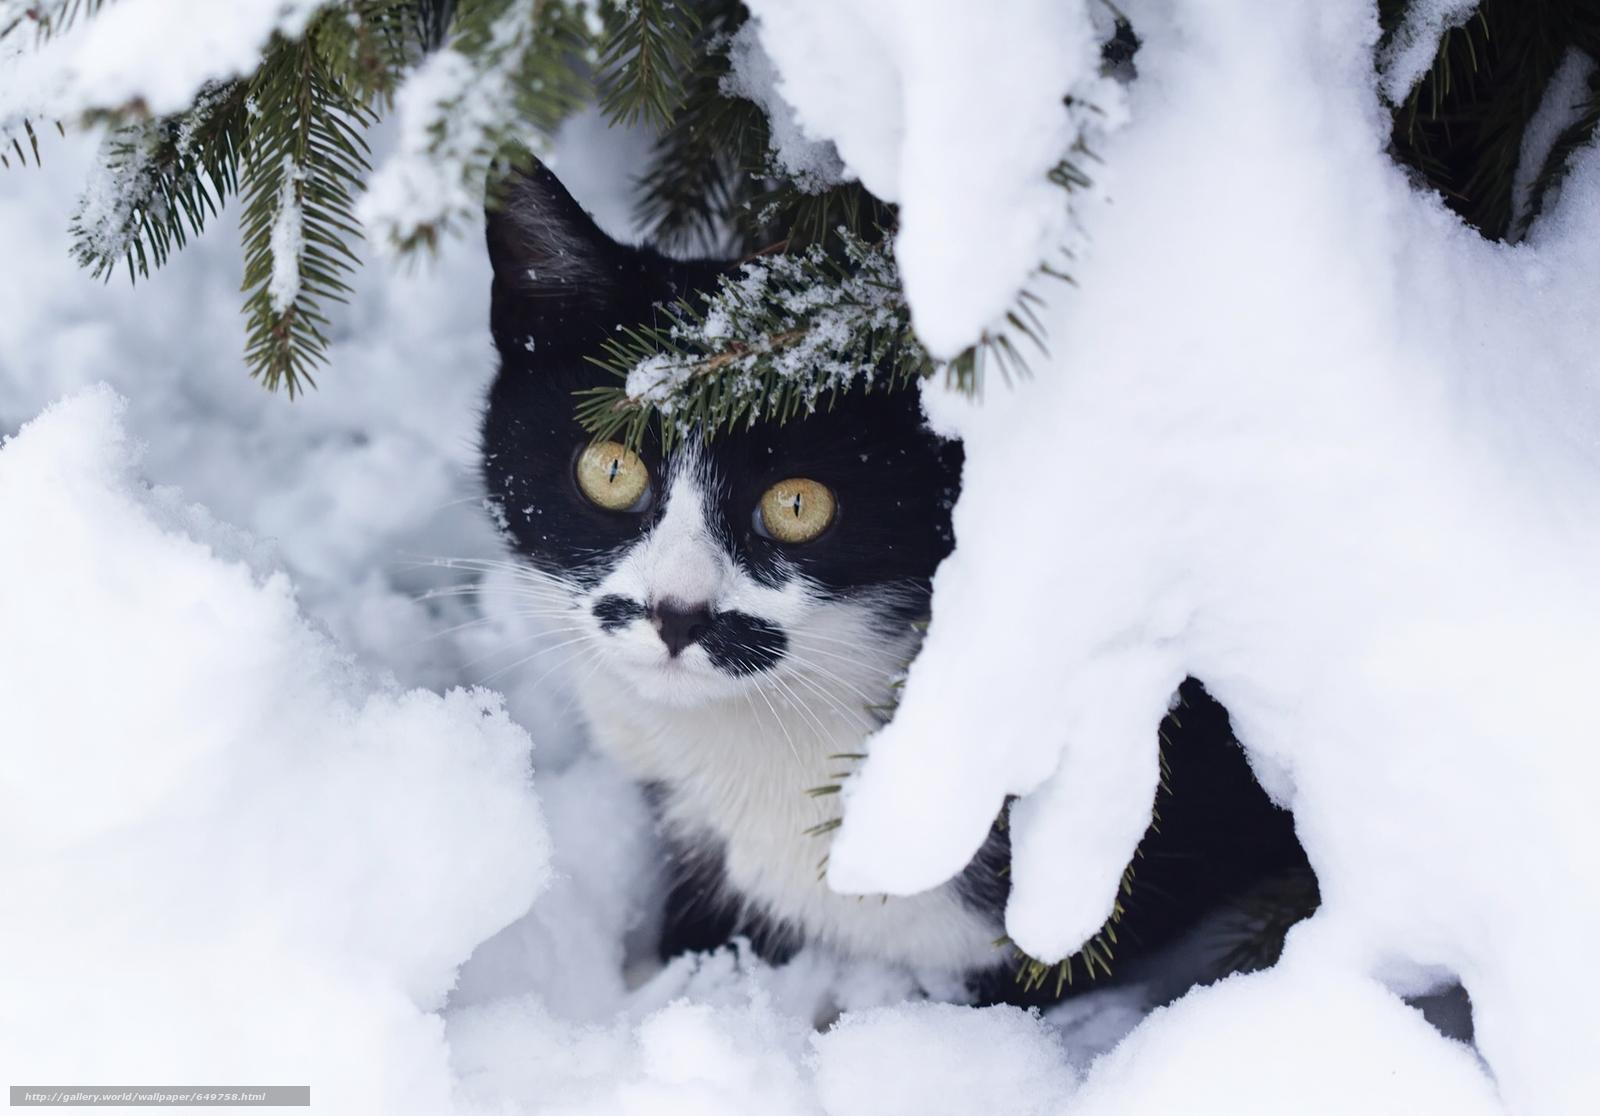 Скачать обои кошка,  кот,  зима,  снег бесплатно для рабочего стола в разрешении 2048x1428 — картинка №649758